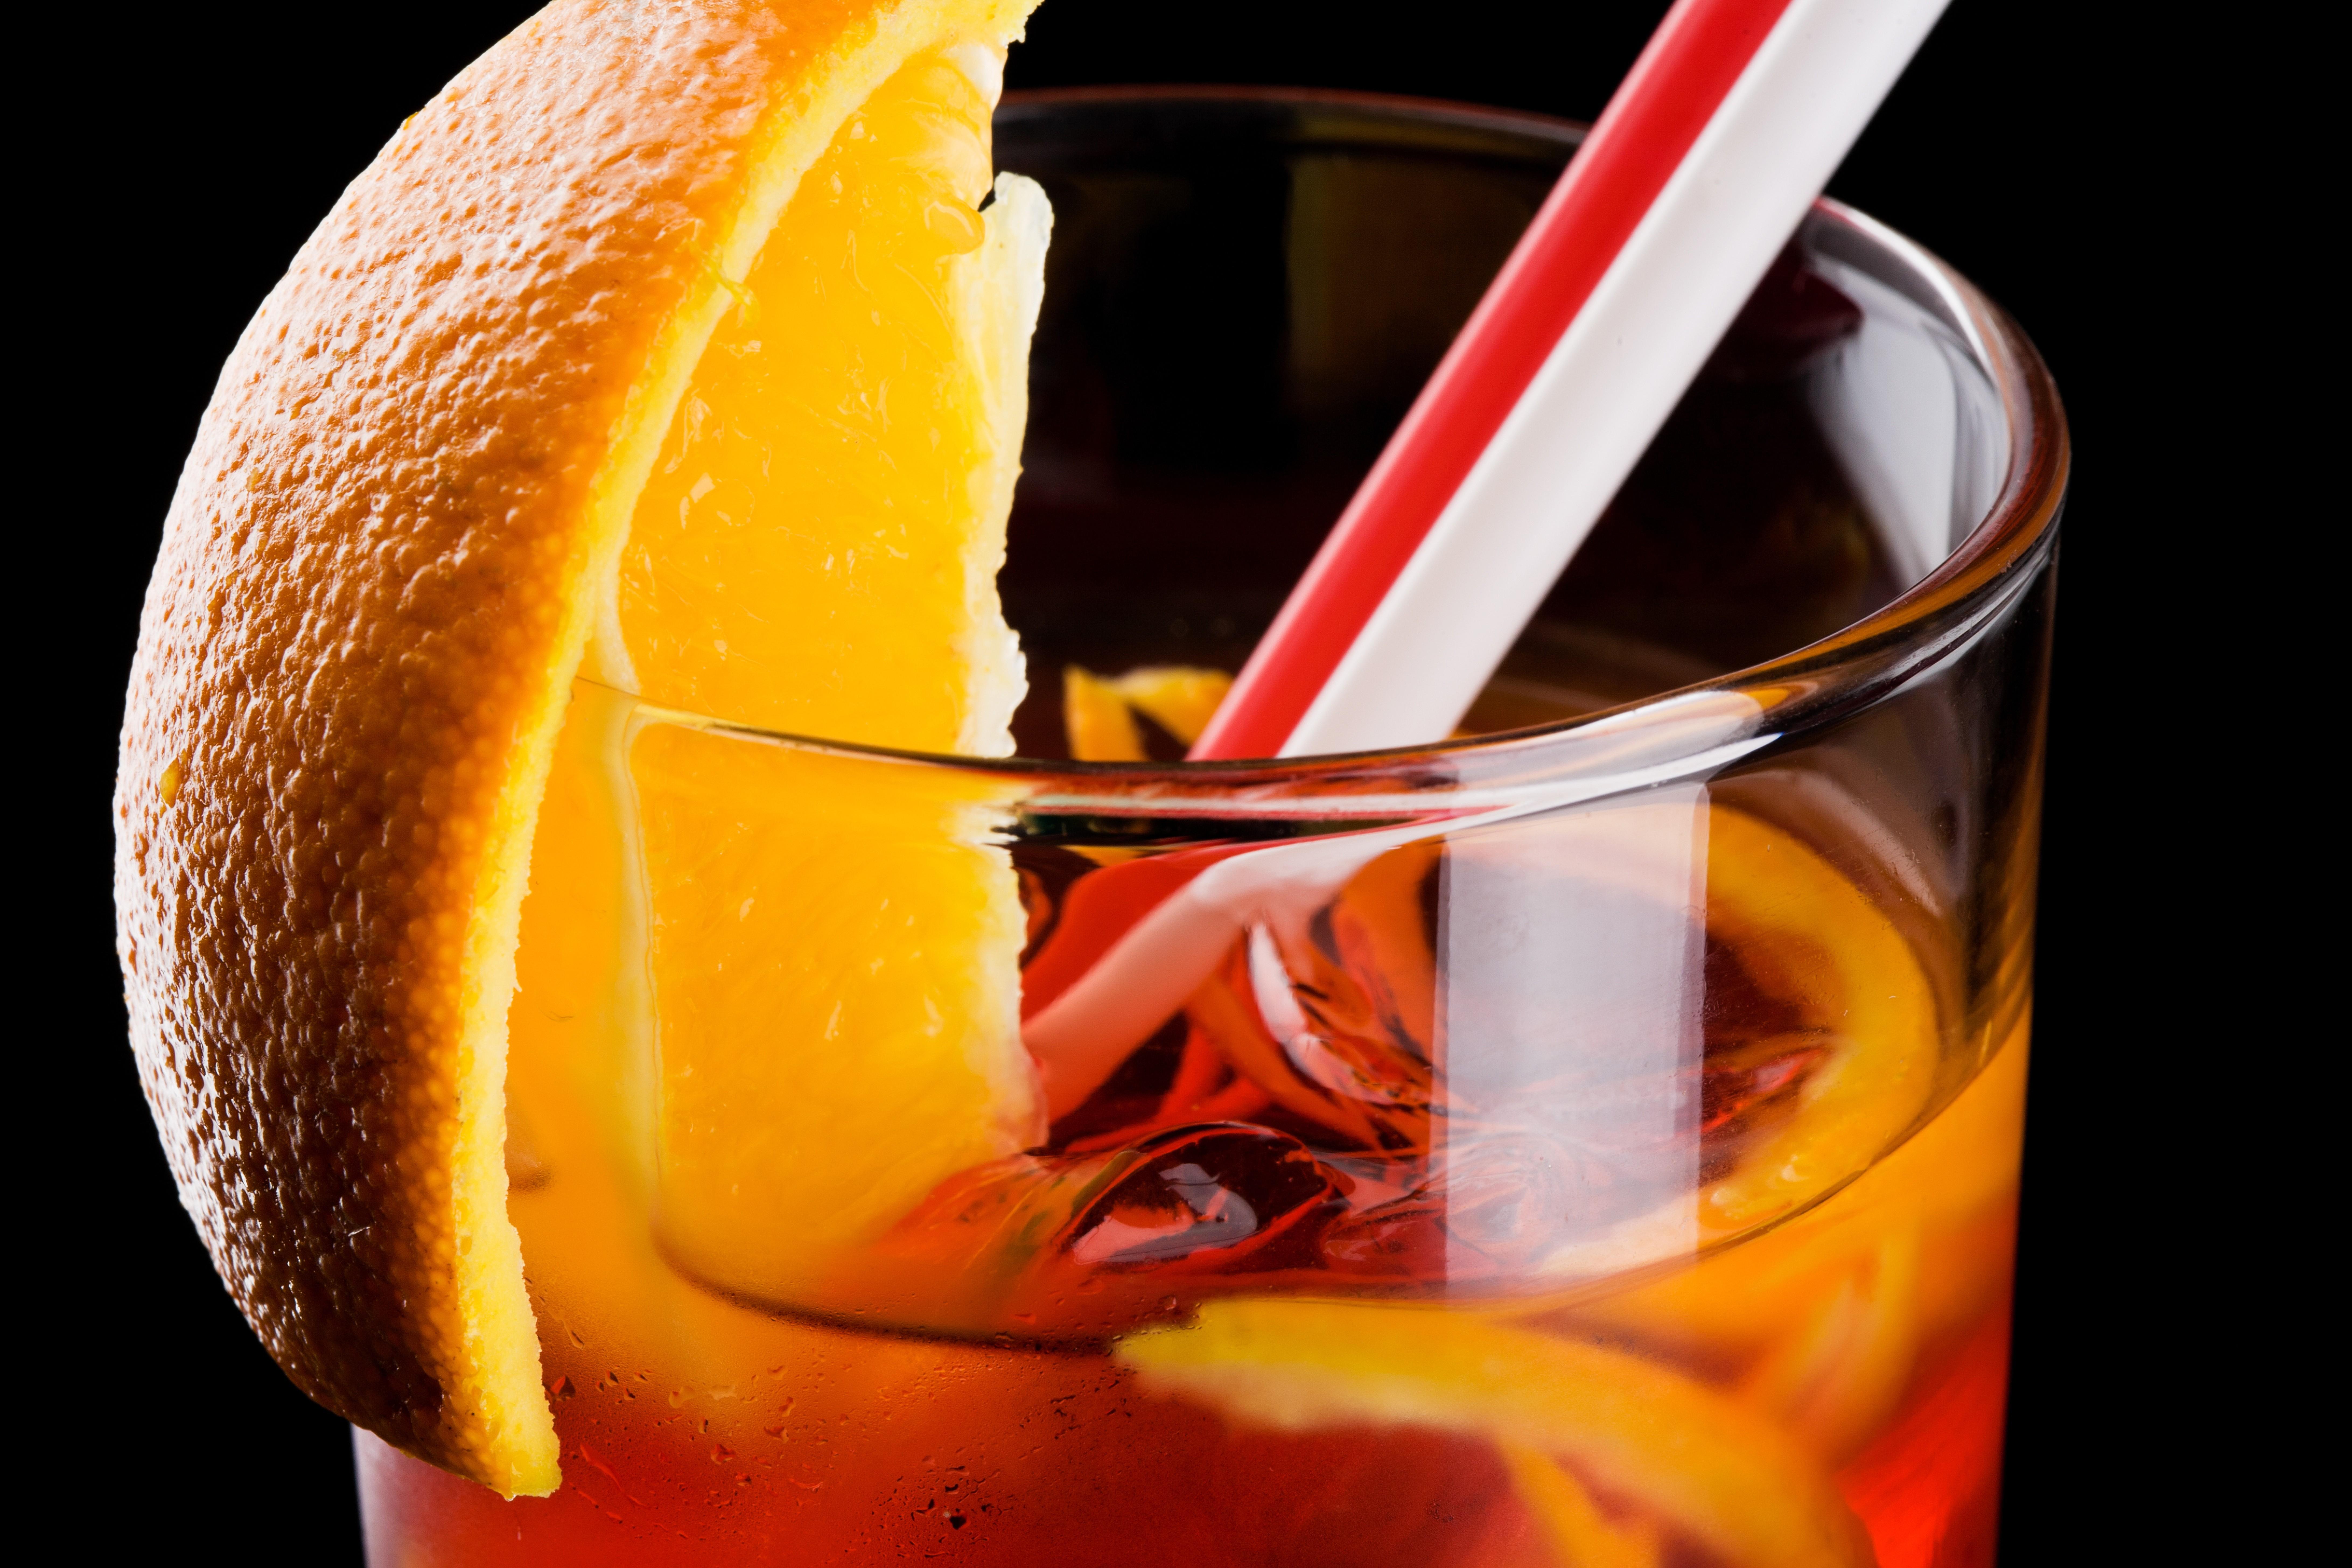 коктейль, бокал, апельсин